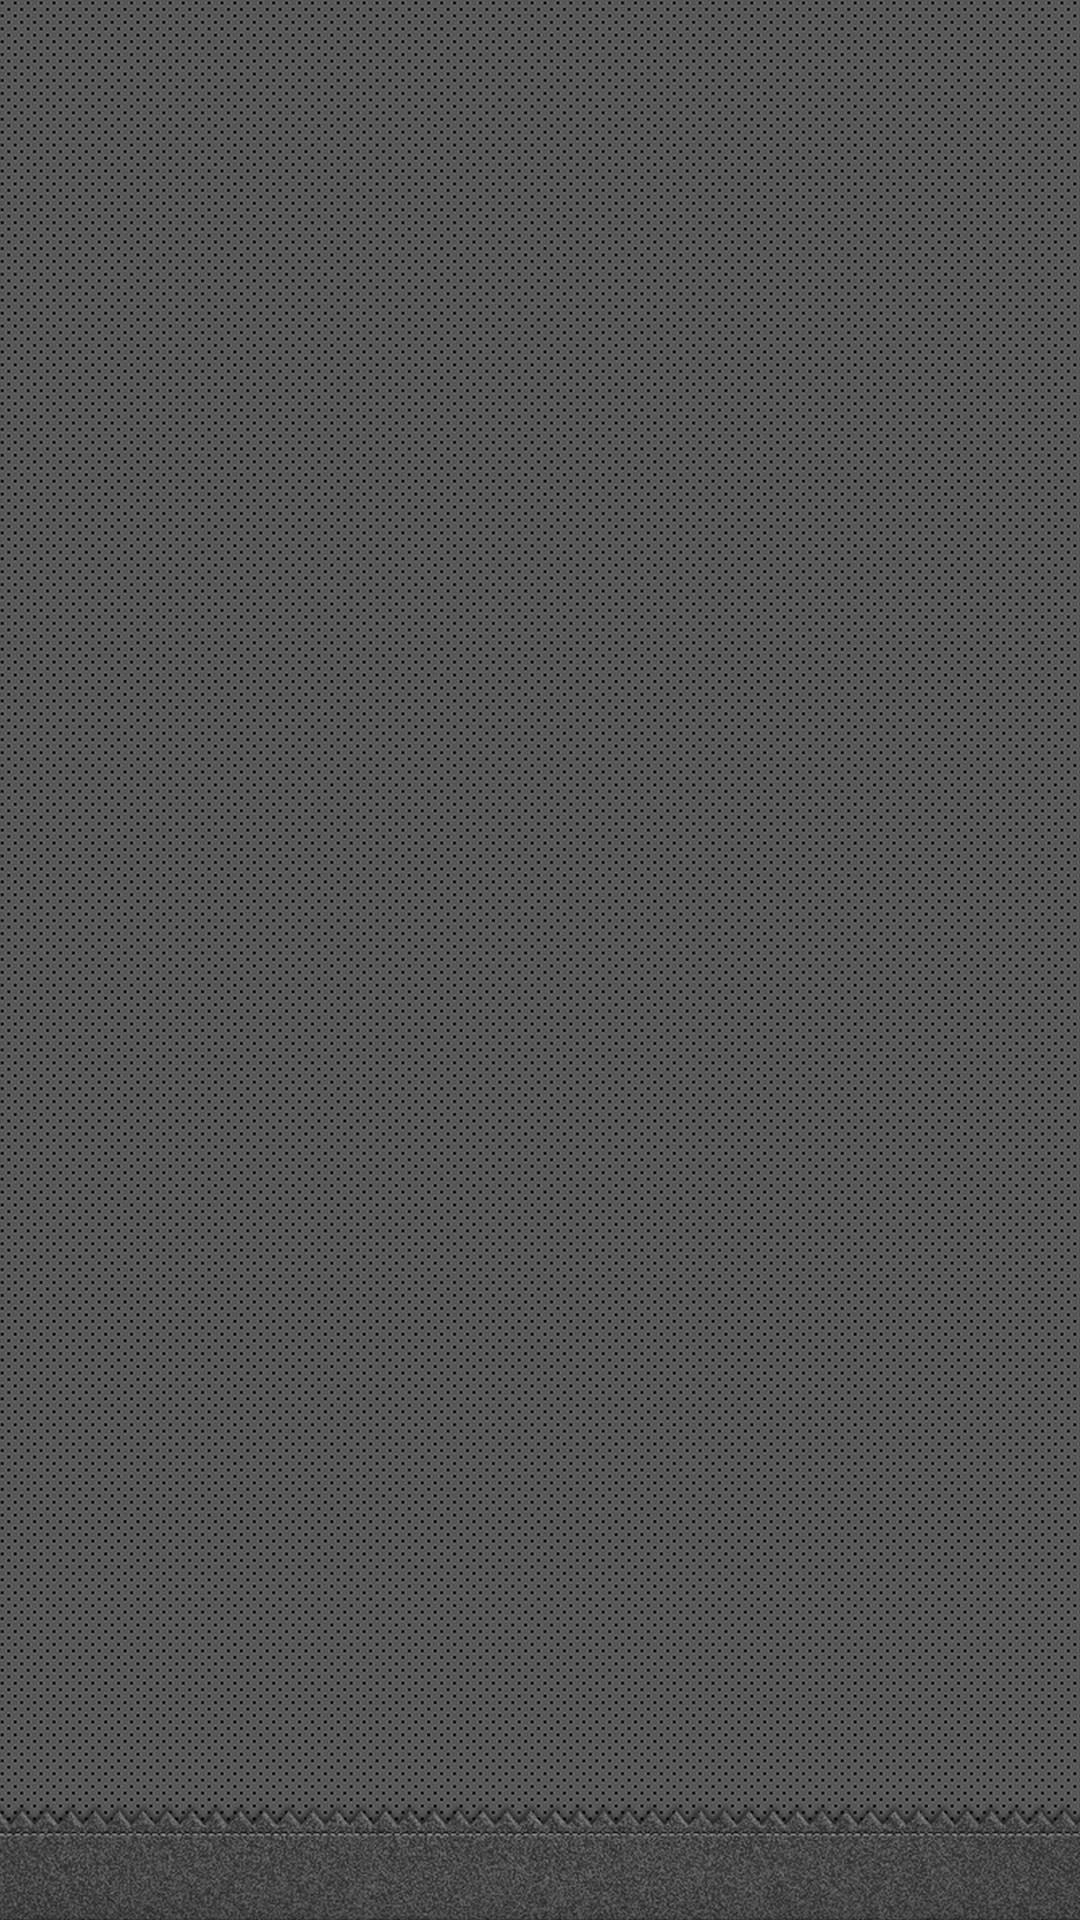 ios 6 grey wallpaper